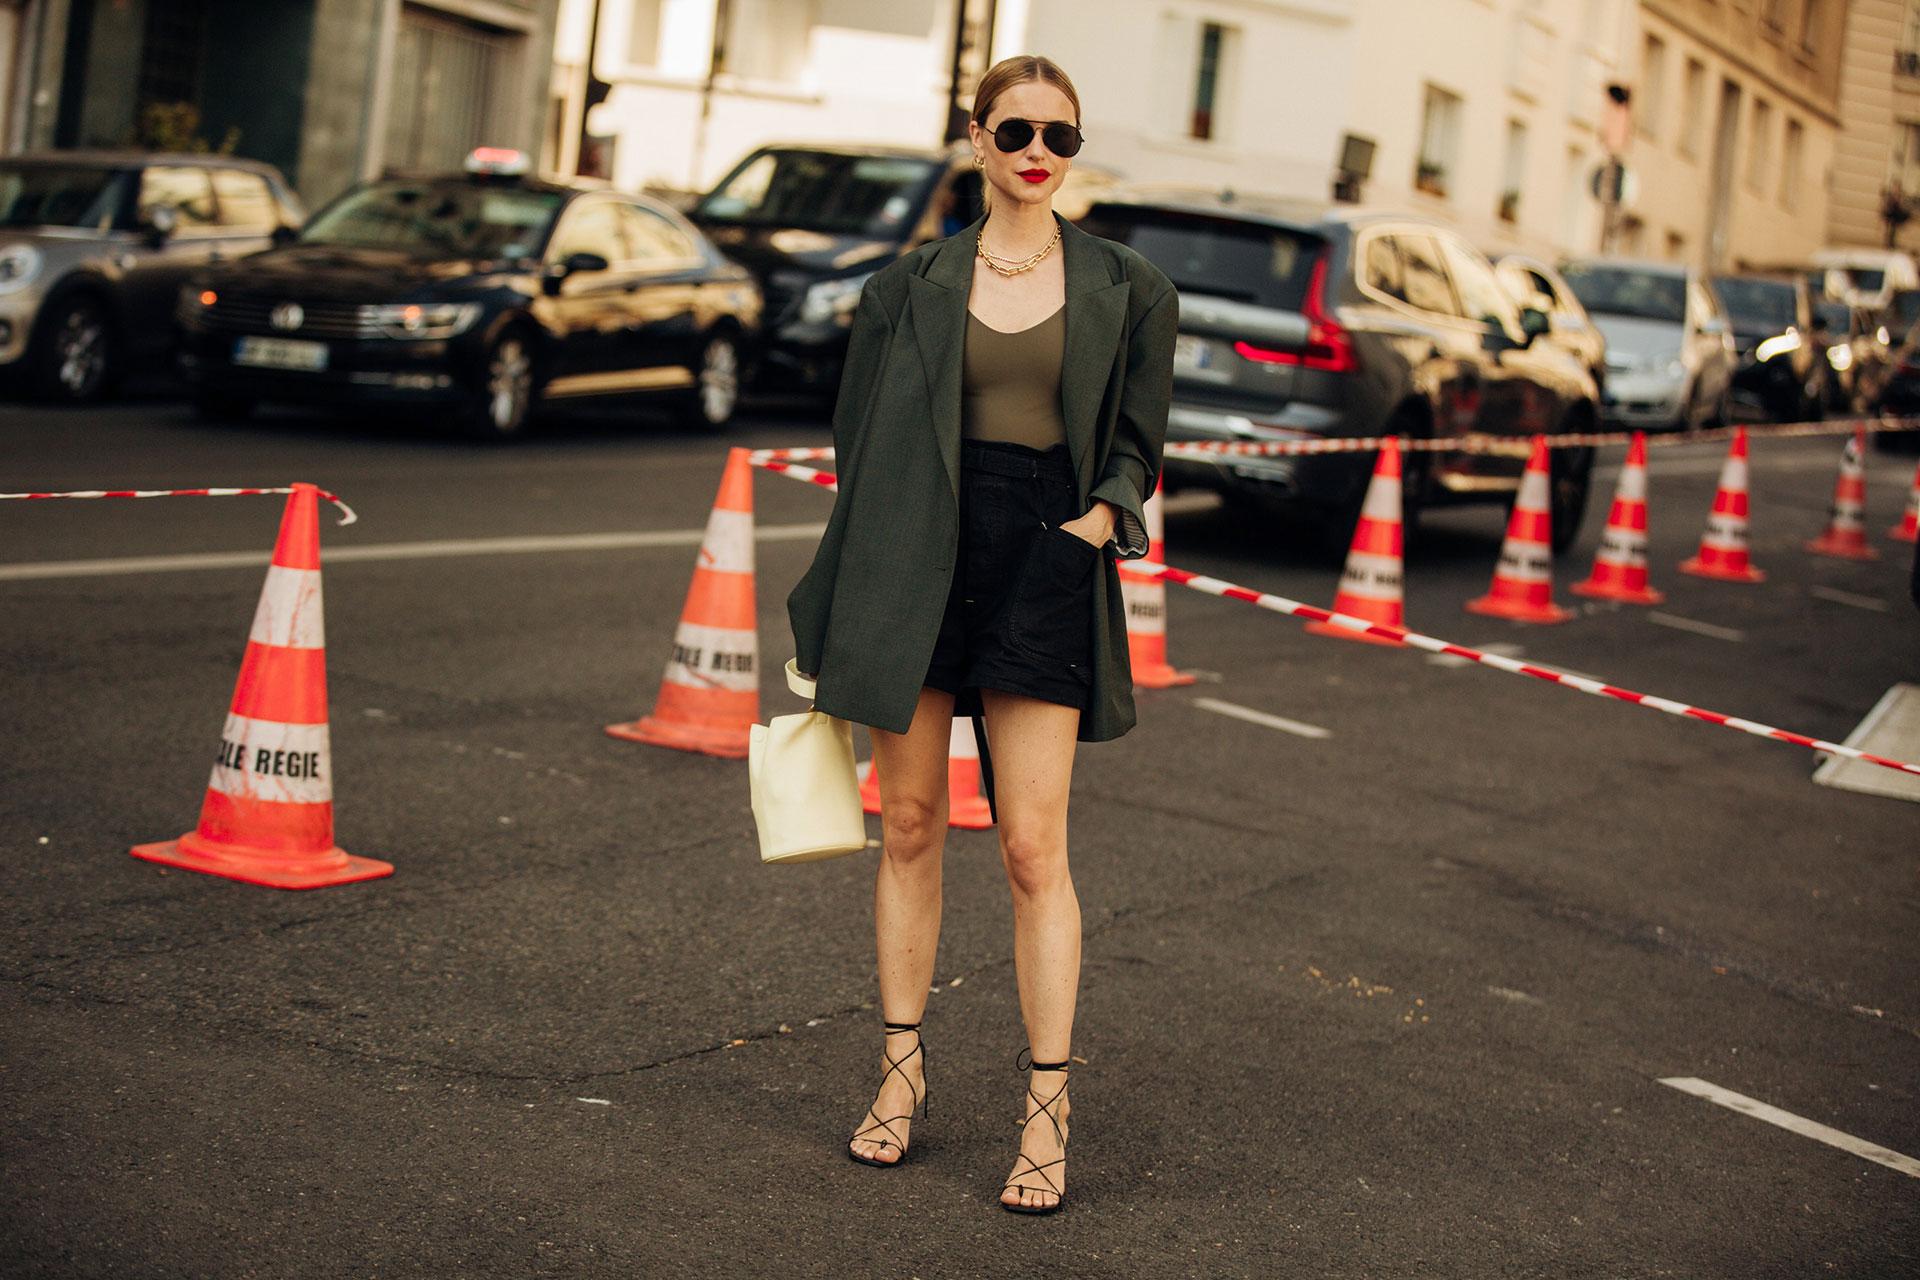 Vogue直击夏日街头风尚:绑带凉鞋